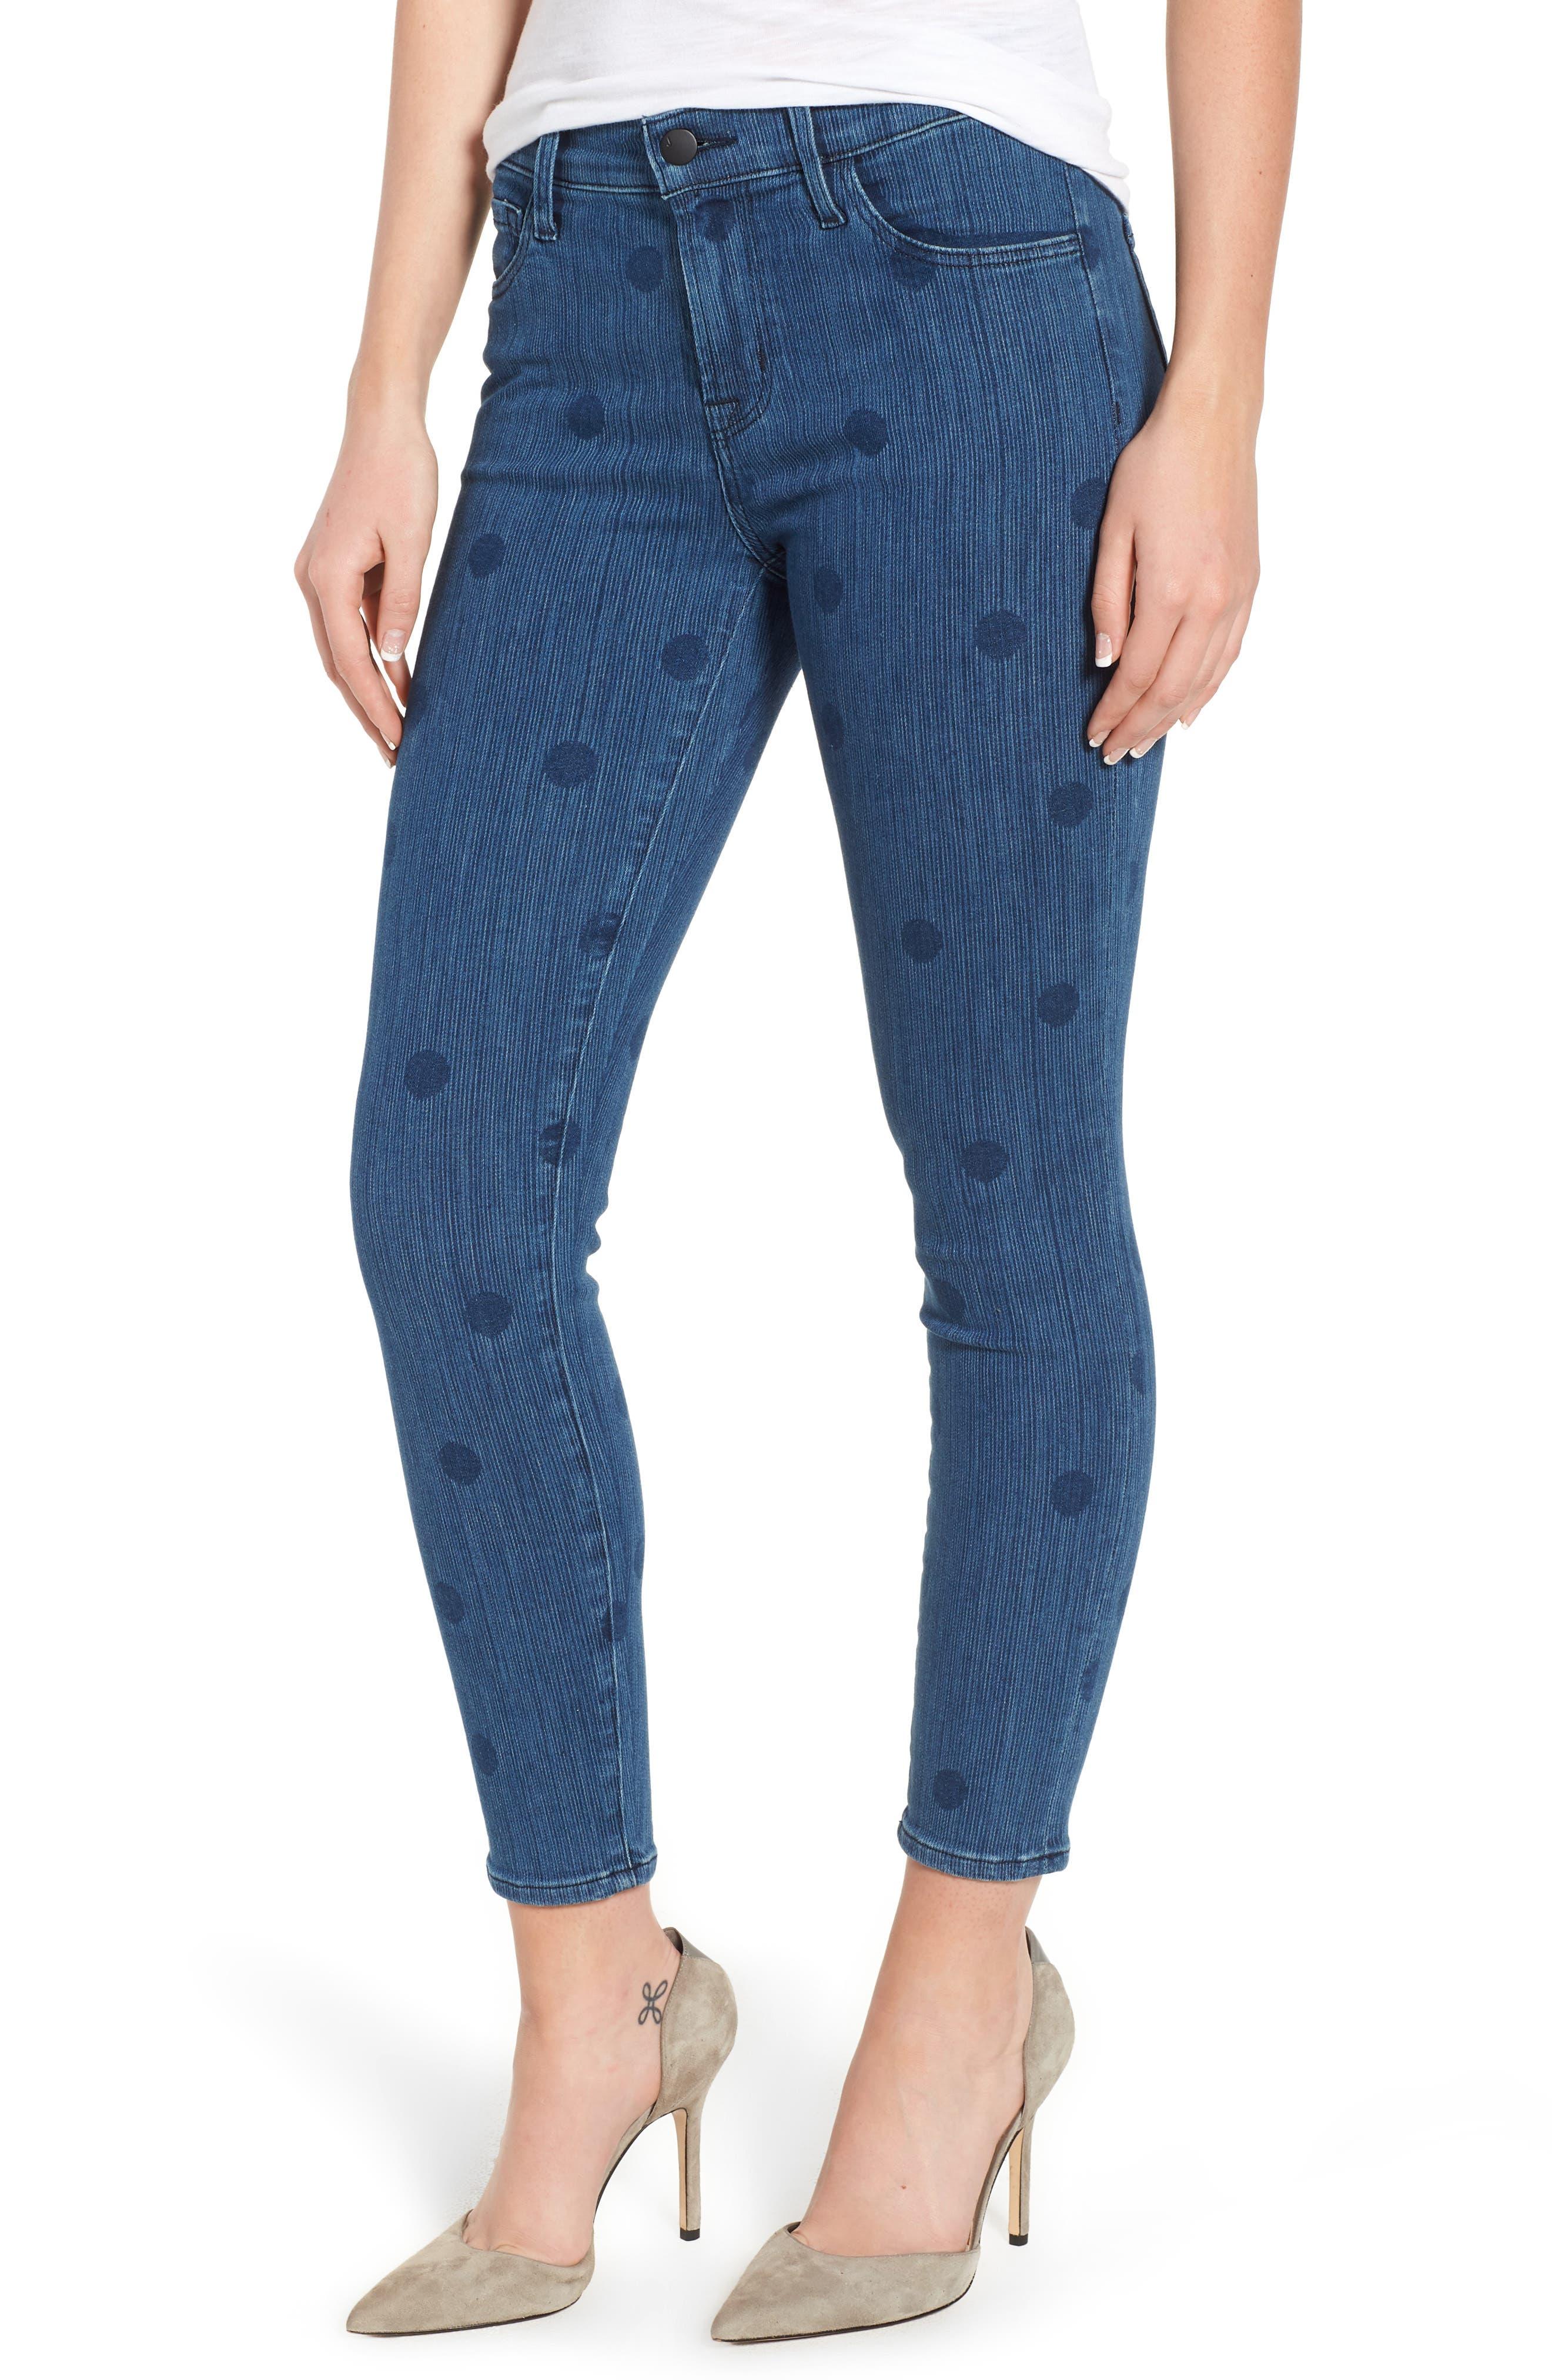 835 Capri Skinny Jeans,                         Main,                         color, 400